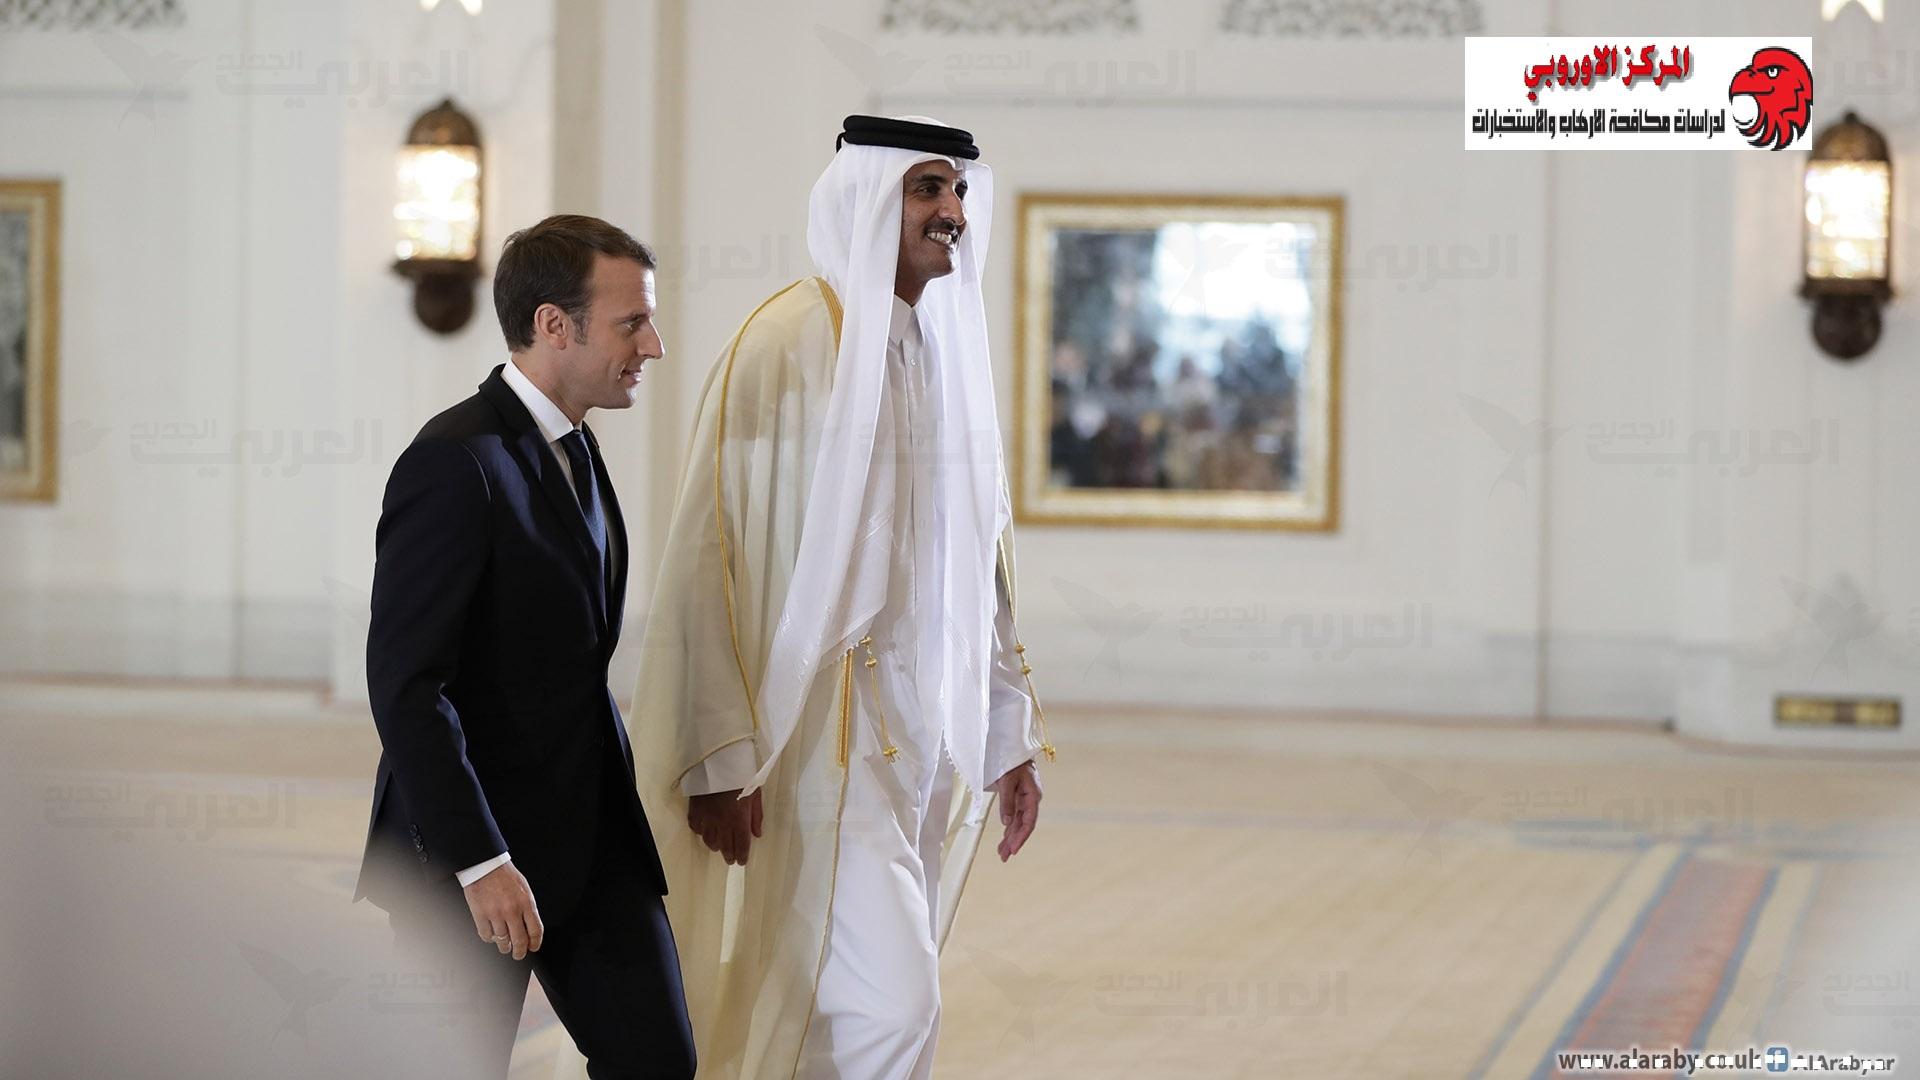 الإرهاب ـ كيف تعاملت فرنسا بالاتهامات الموجهة الى قطر بتمويل الإرهاب ؟